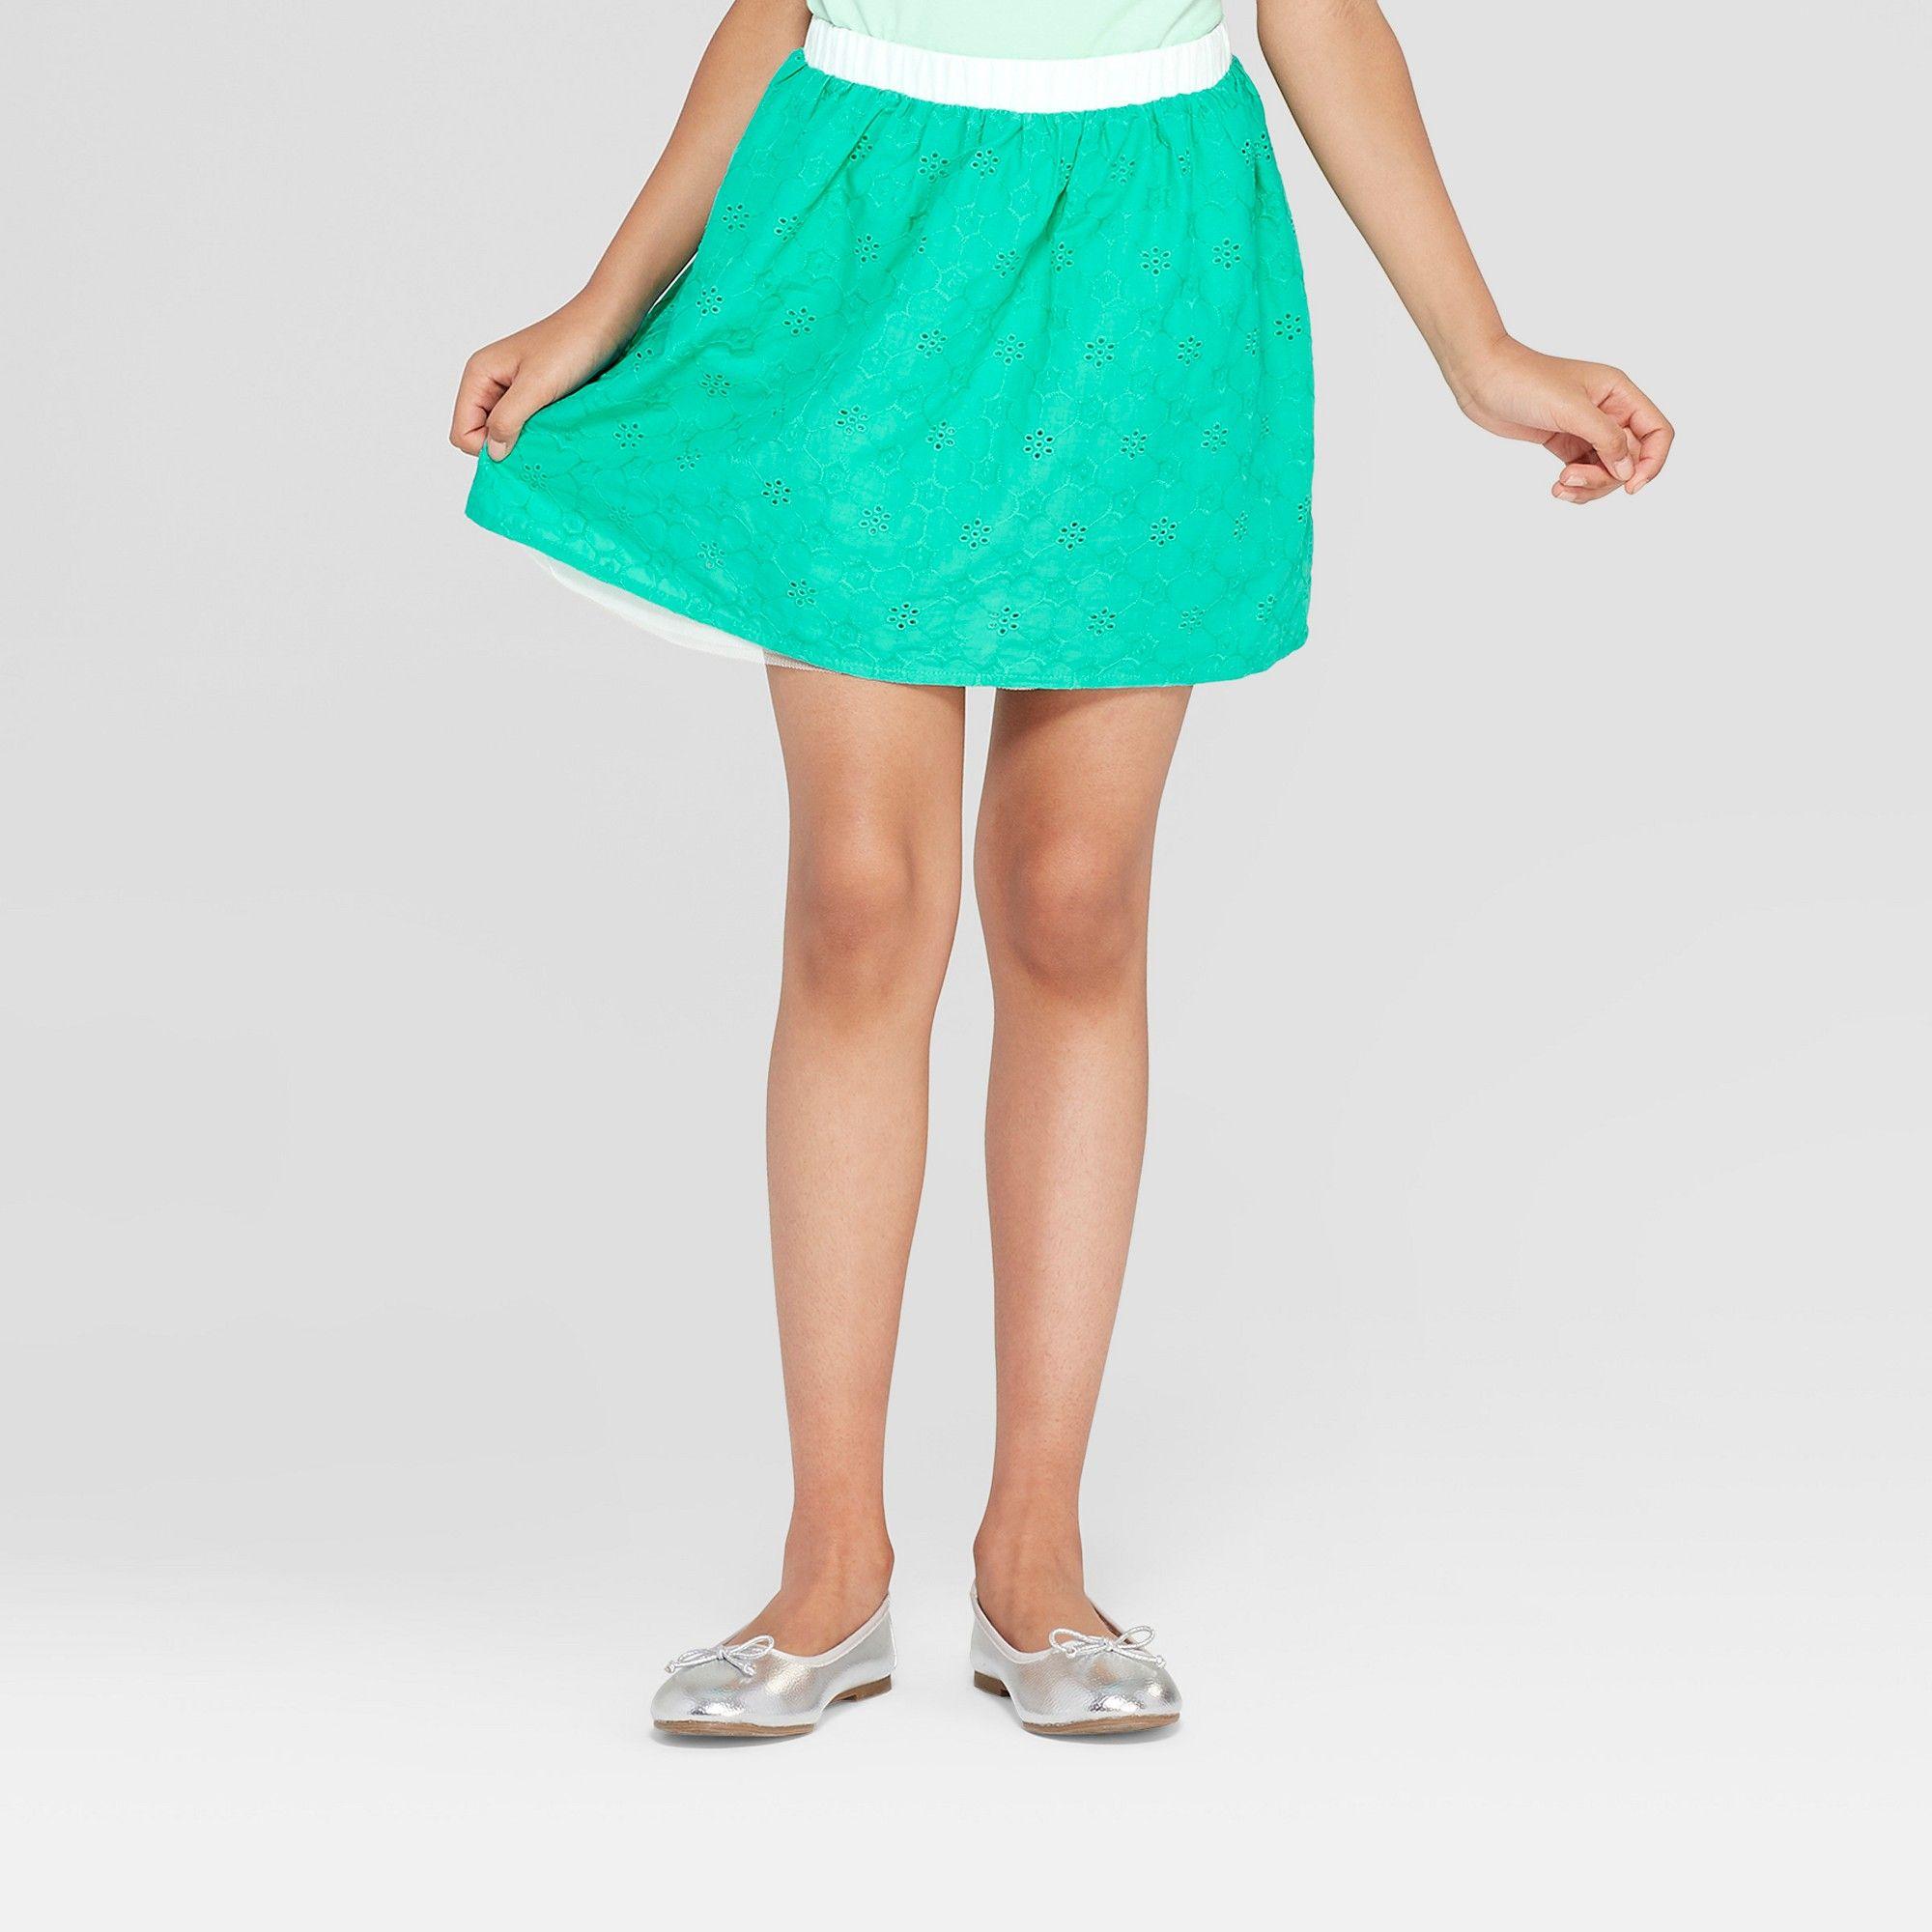 fd70d3aa11d4f Green : Women's Skirts : Target